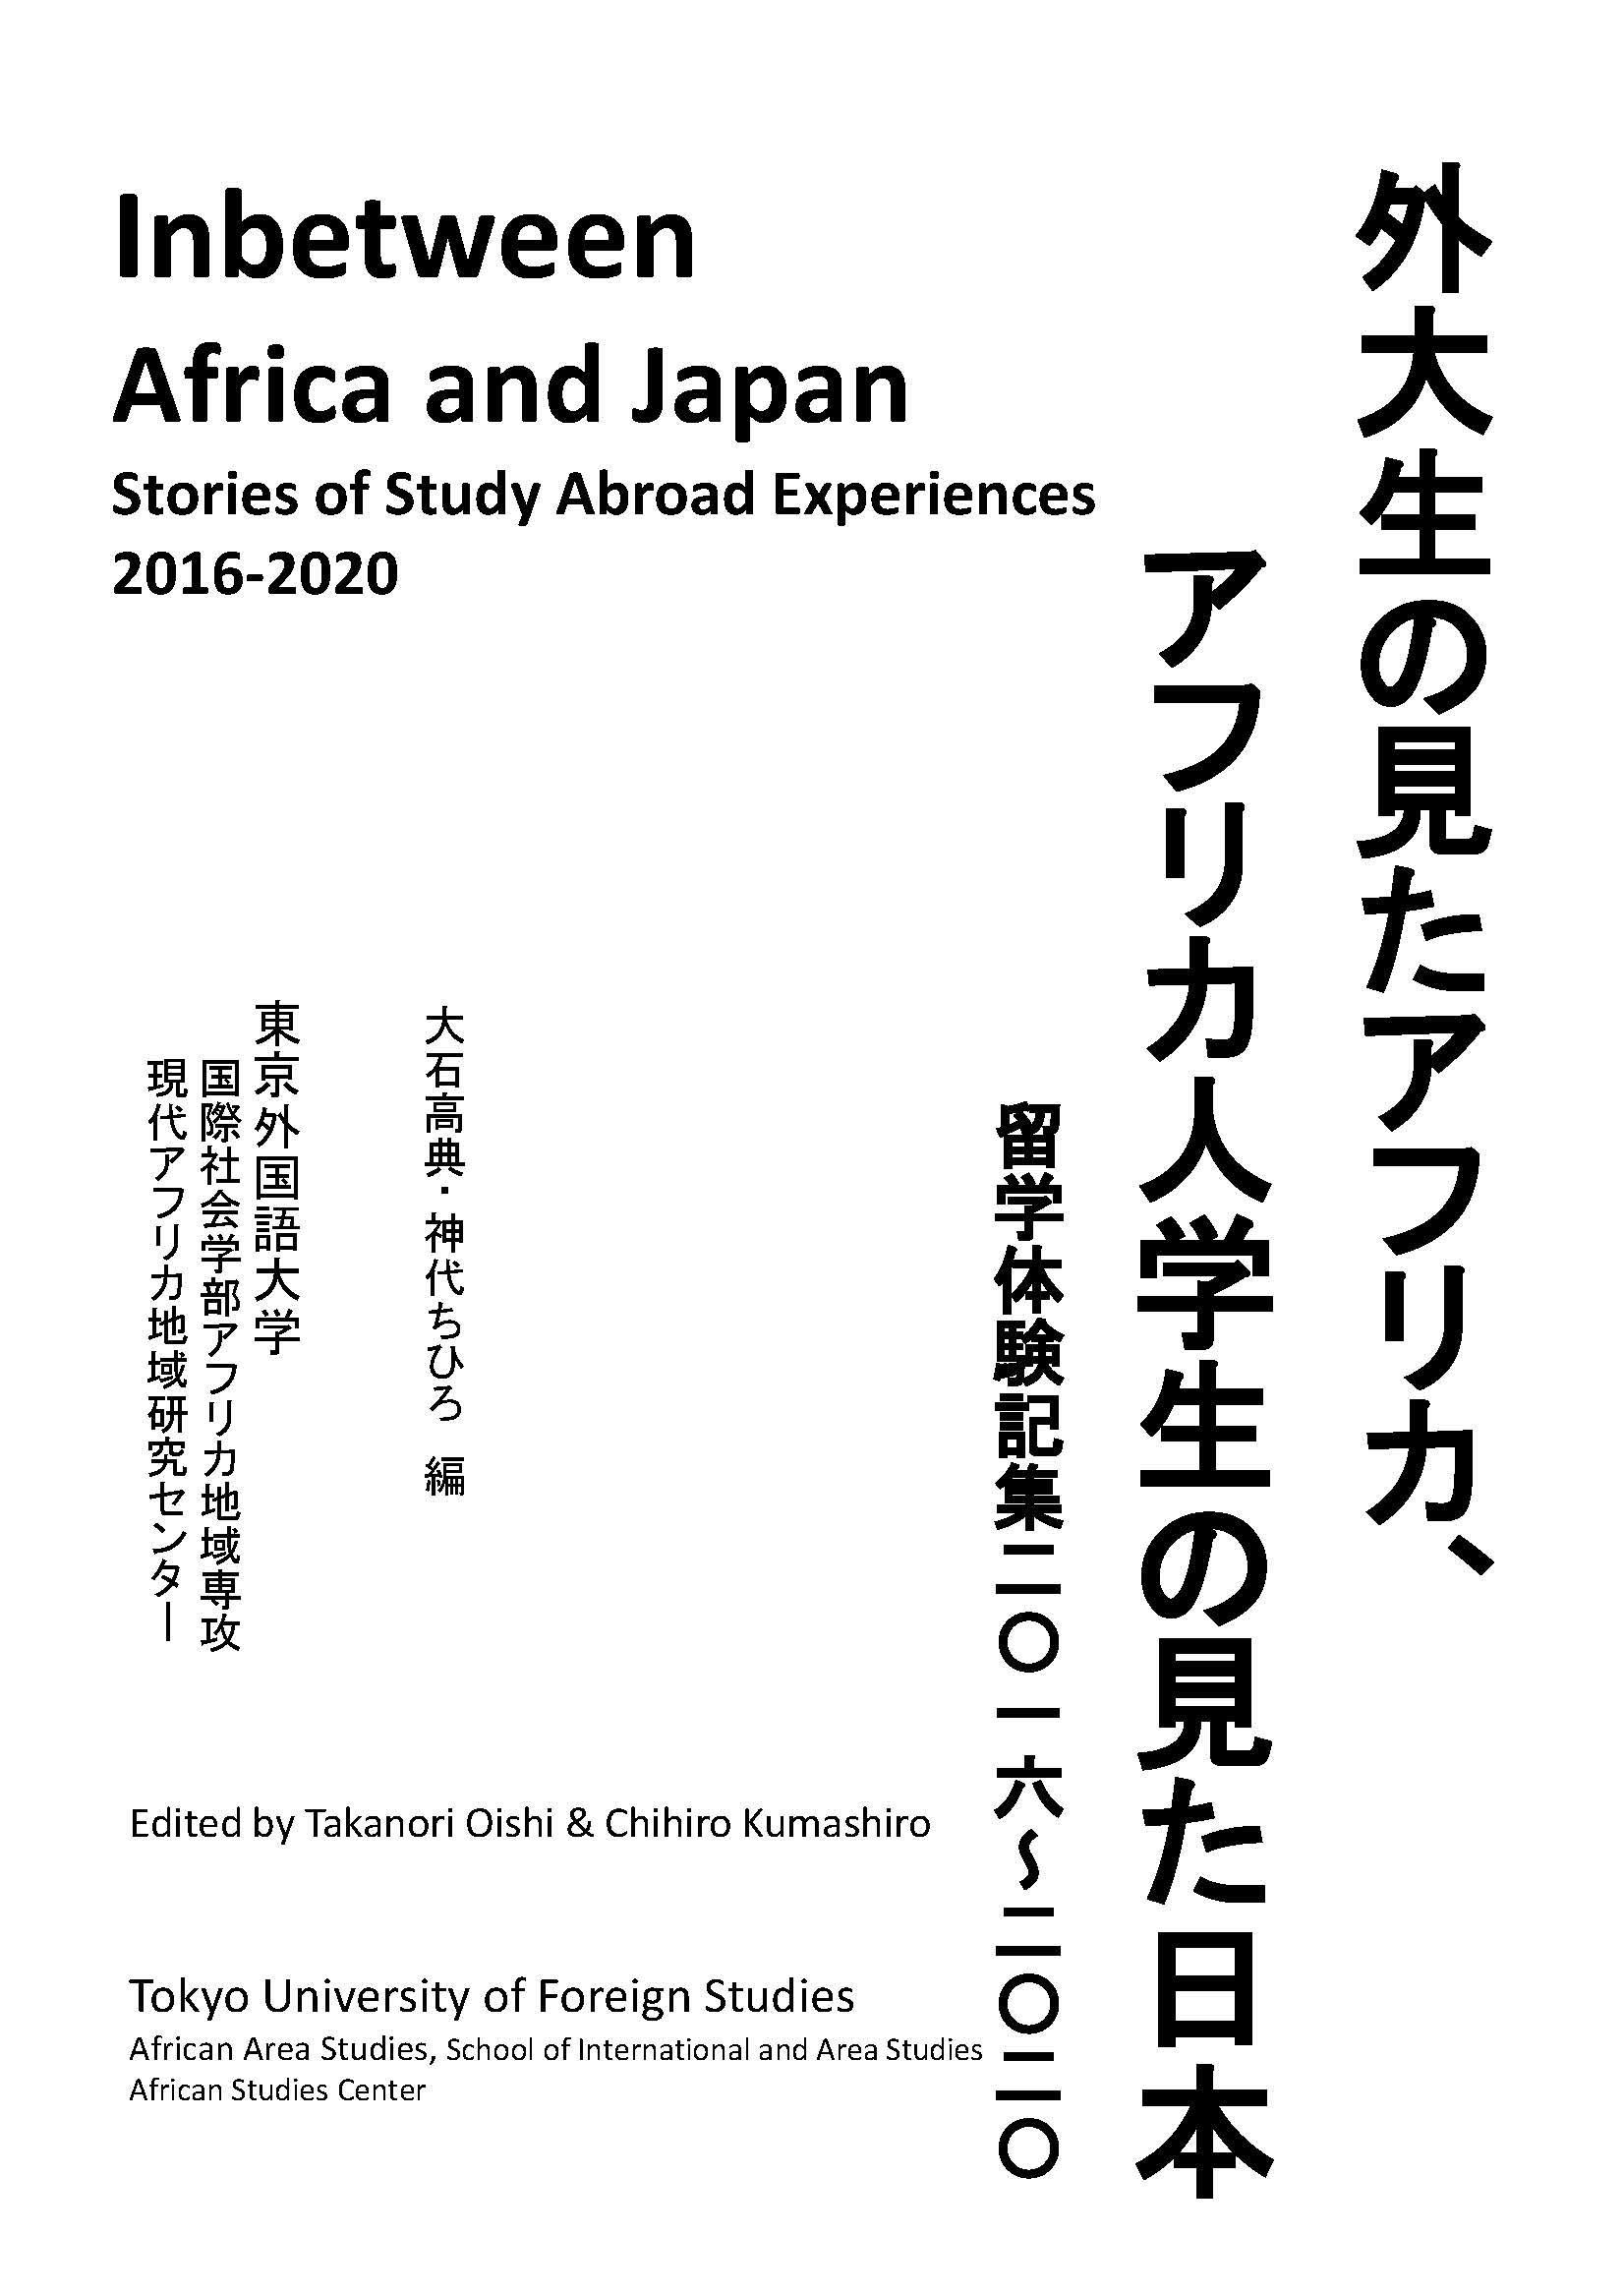 日・アフリカ留学生の「留学体験記」を刊行しました